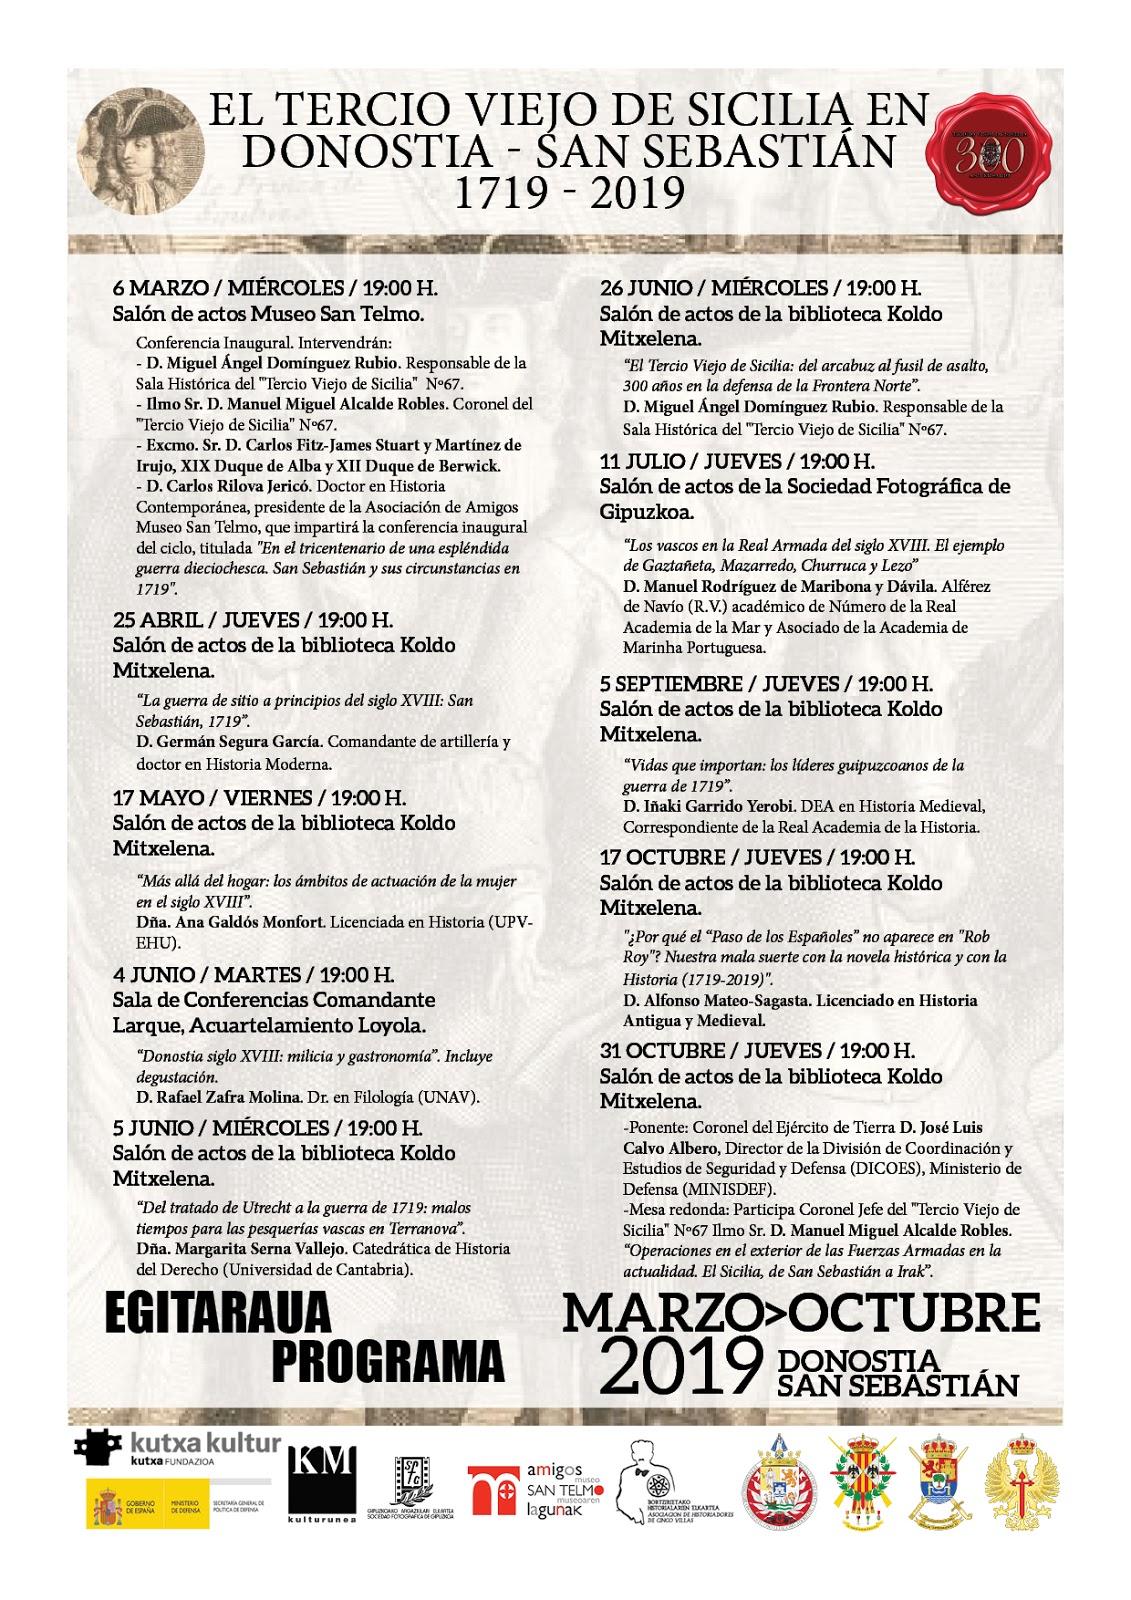 Calendario Laboral Donostia 2019.El Tercio Viejo De Sicilia En Donostia San Sebastian 1719 2019